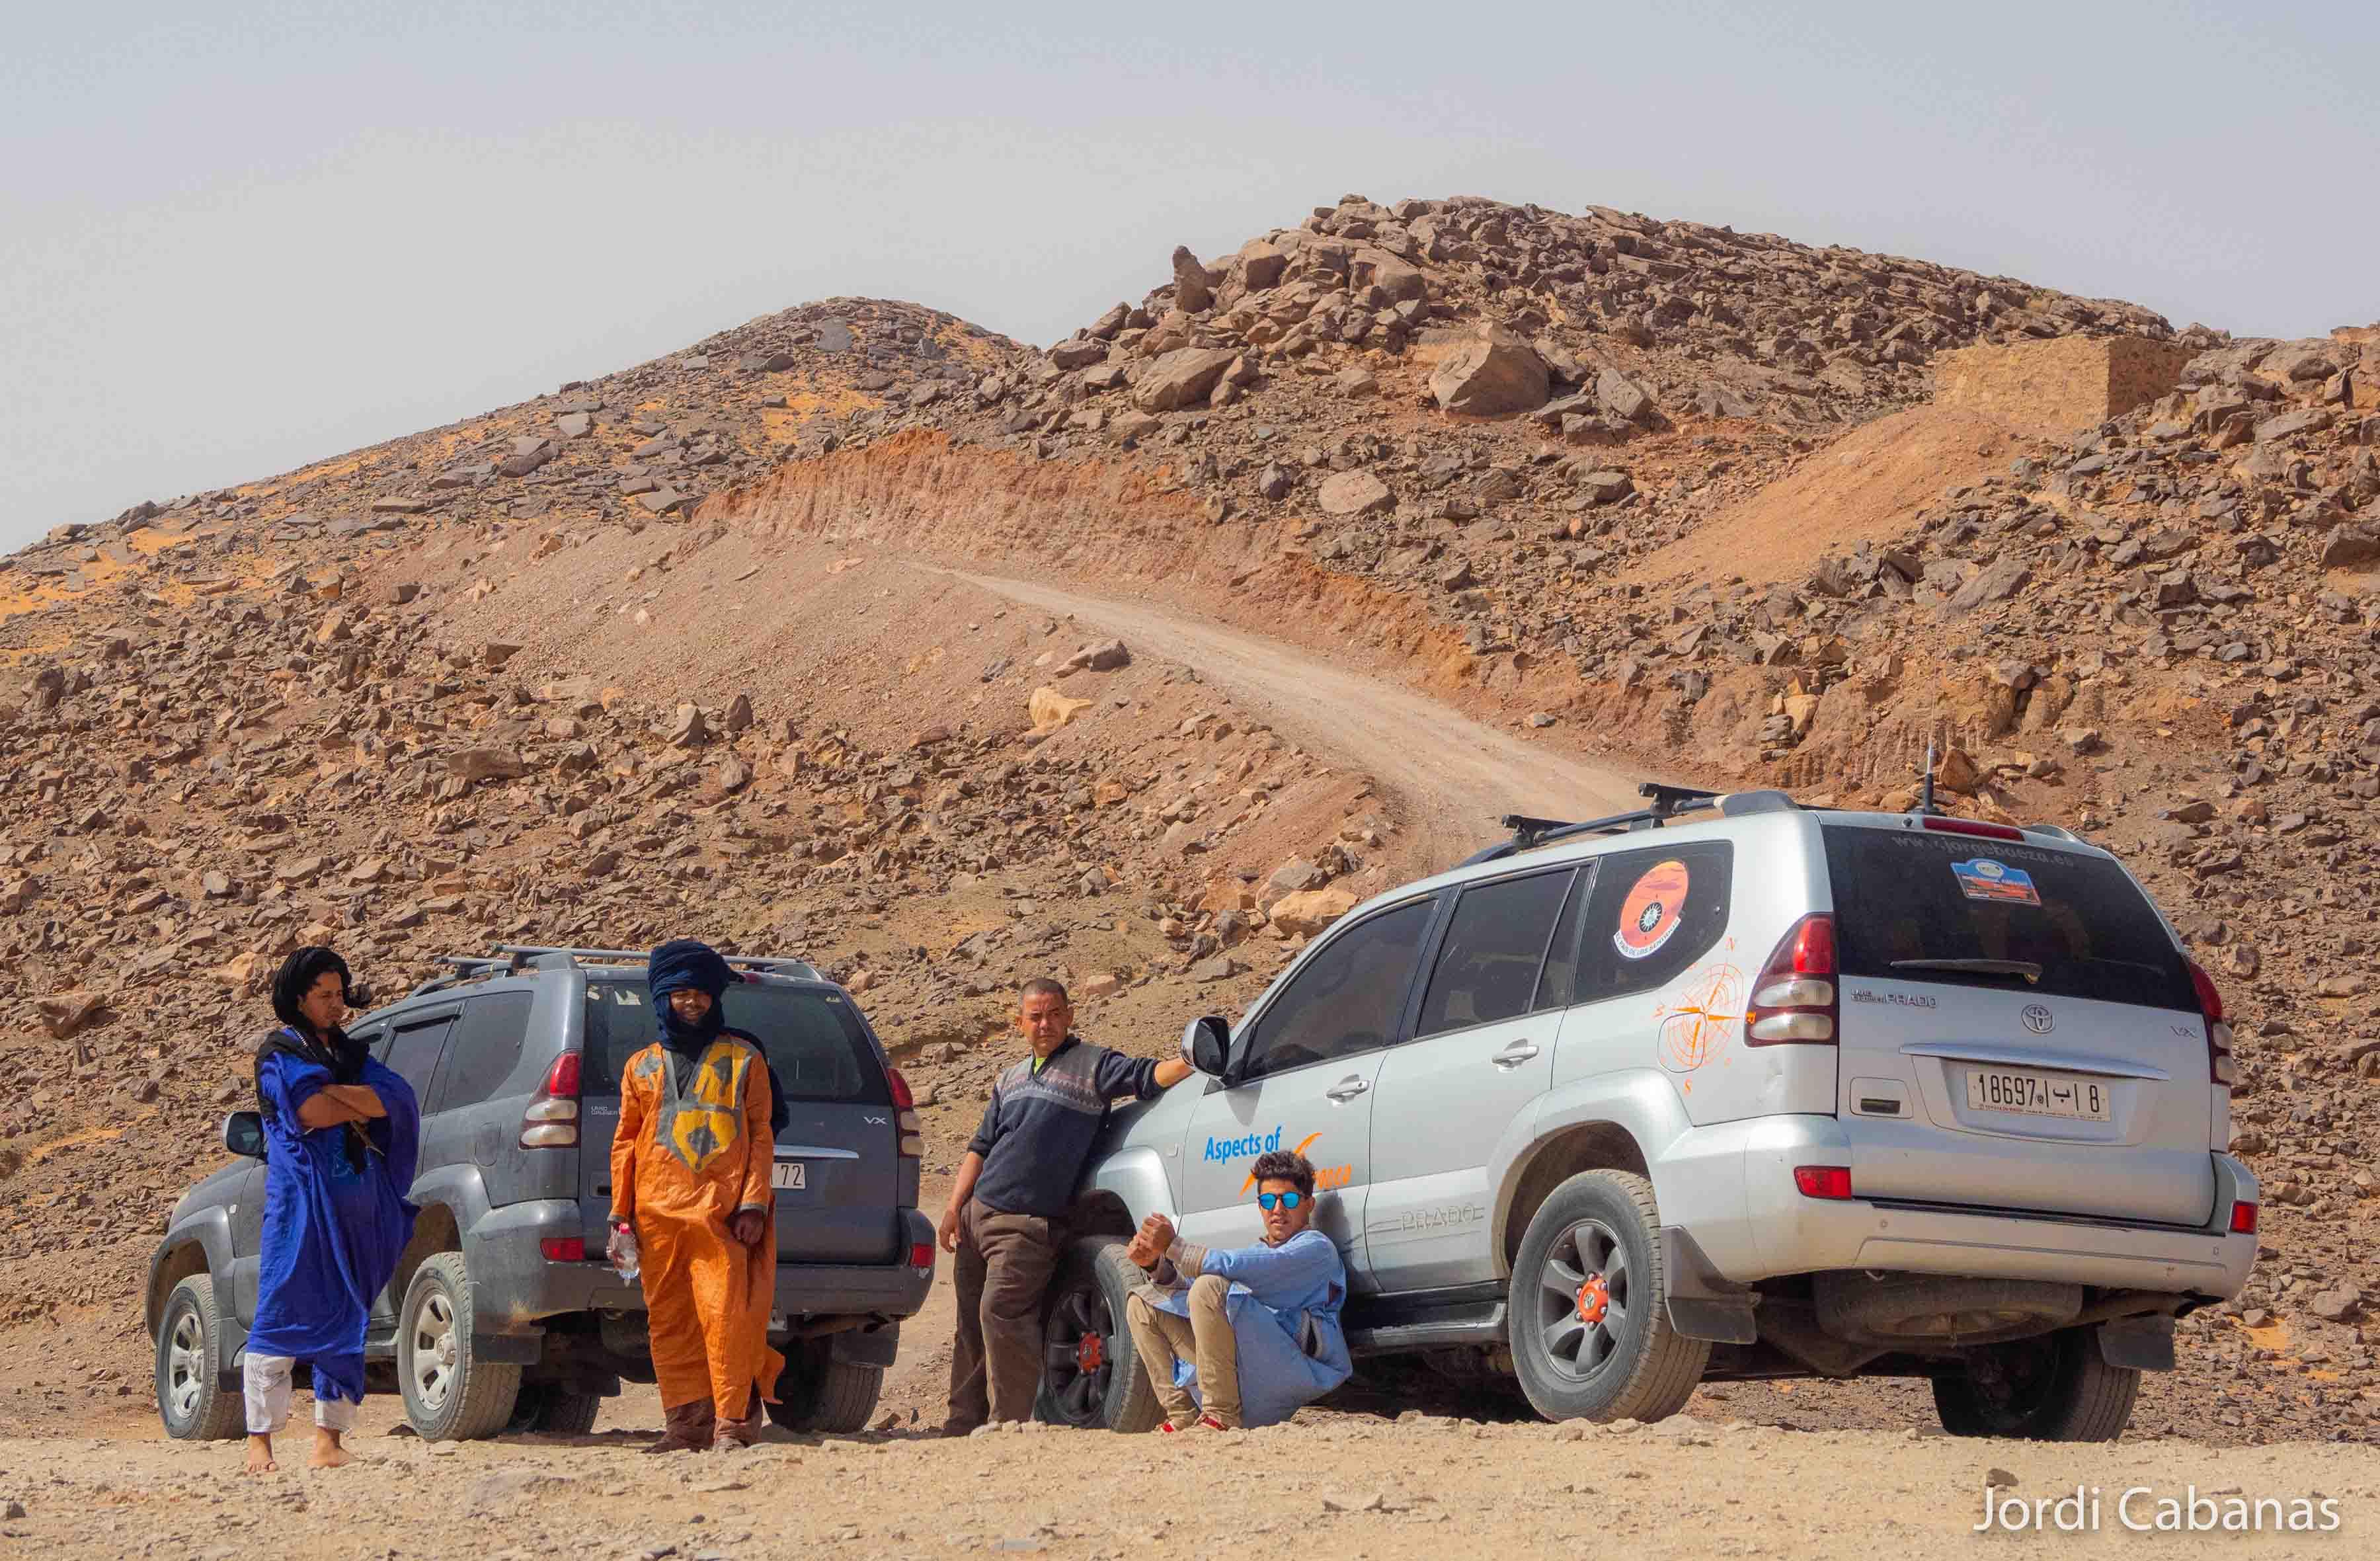 Marruecos fotográfico con Jordi Cabanas